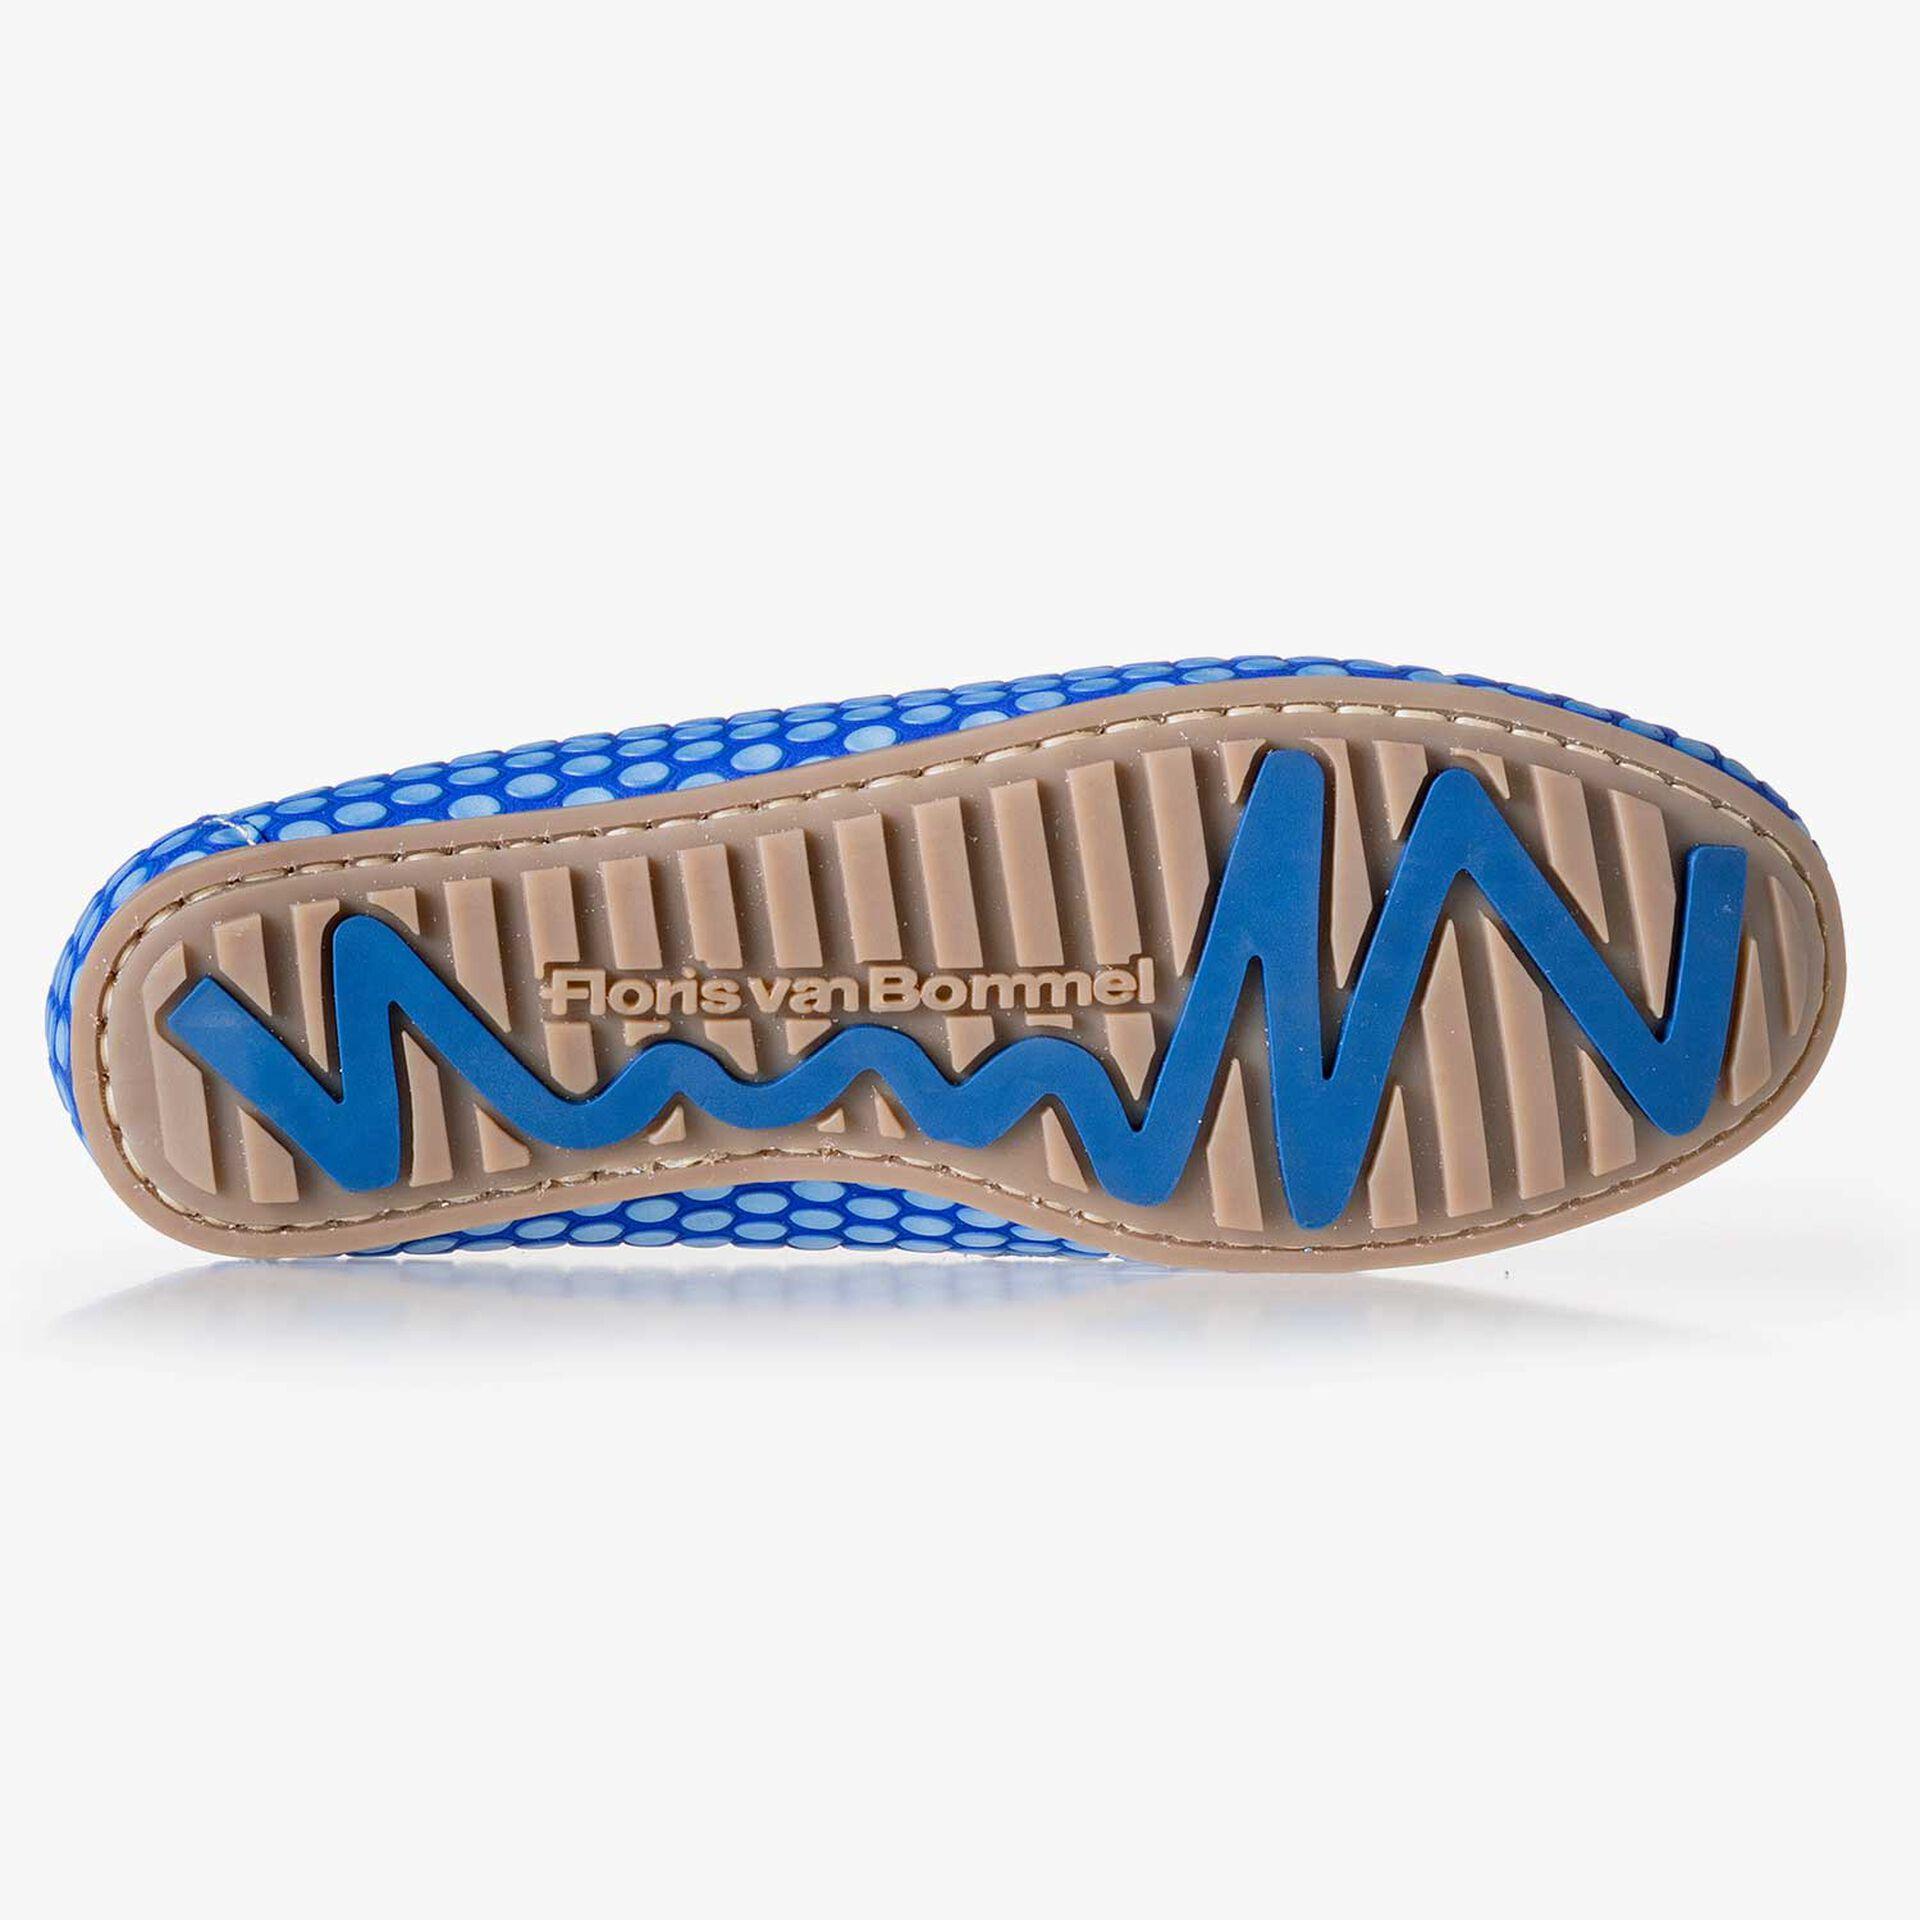 Kobaltblauwe leren bootschoen met print